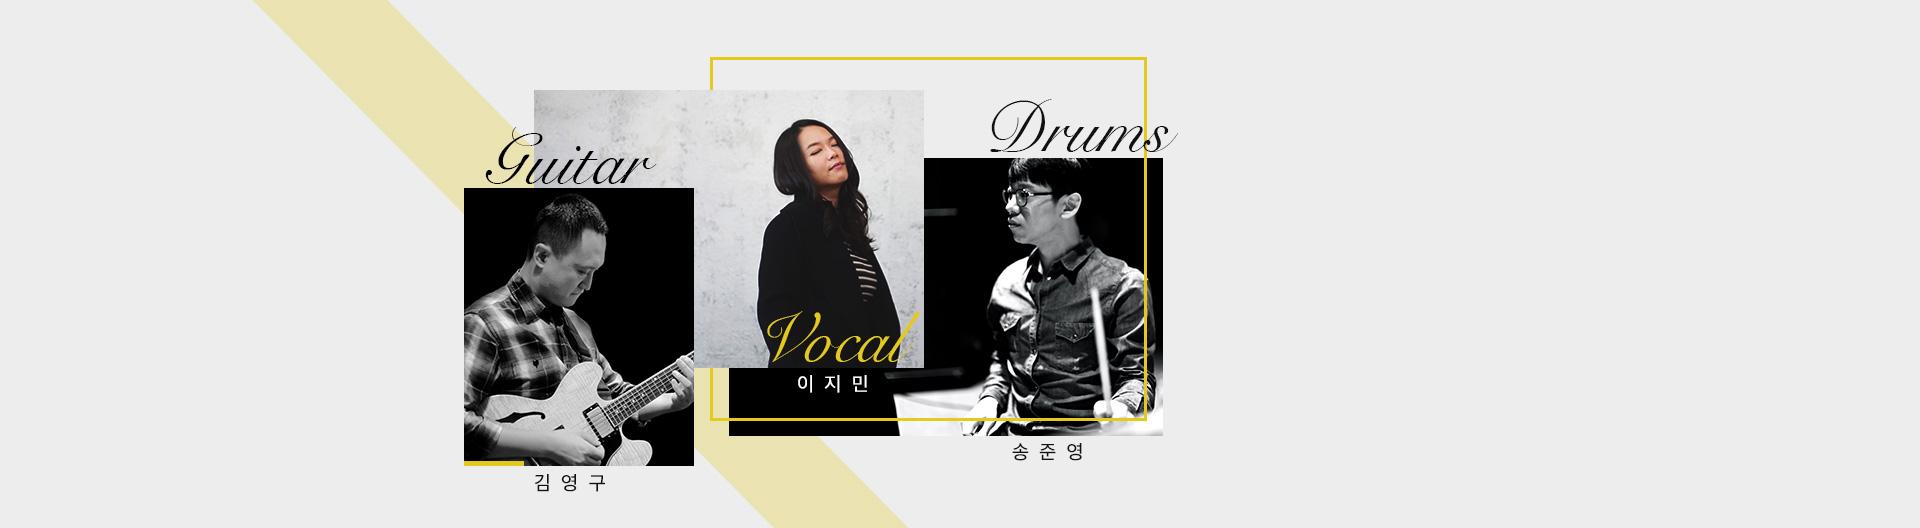 김영구 X 이지민 X 송준영